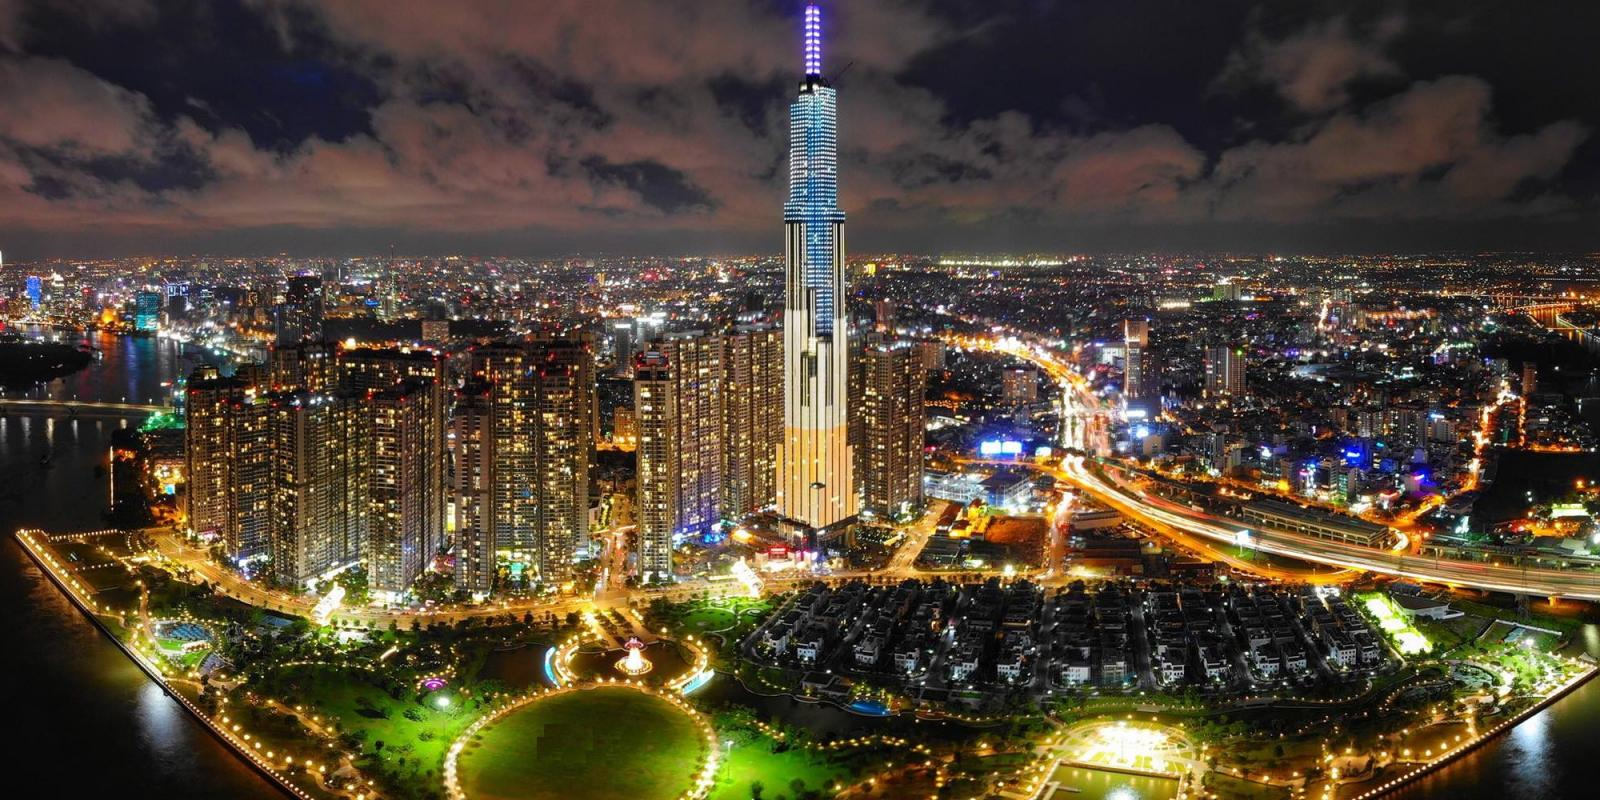 Quận Bình Thạnh, TP Hồ Chí Minh về đêm